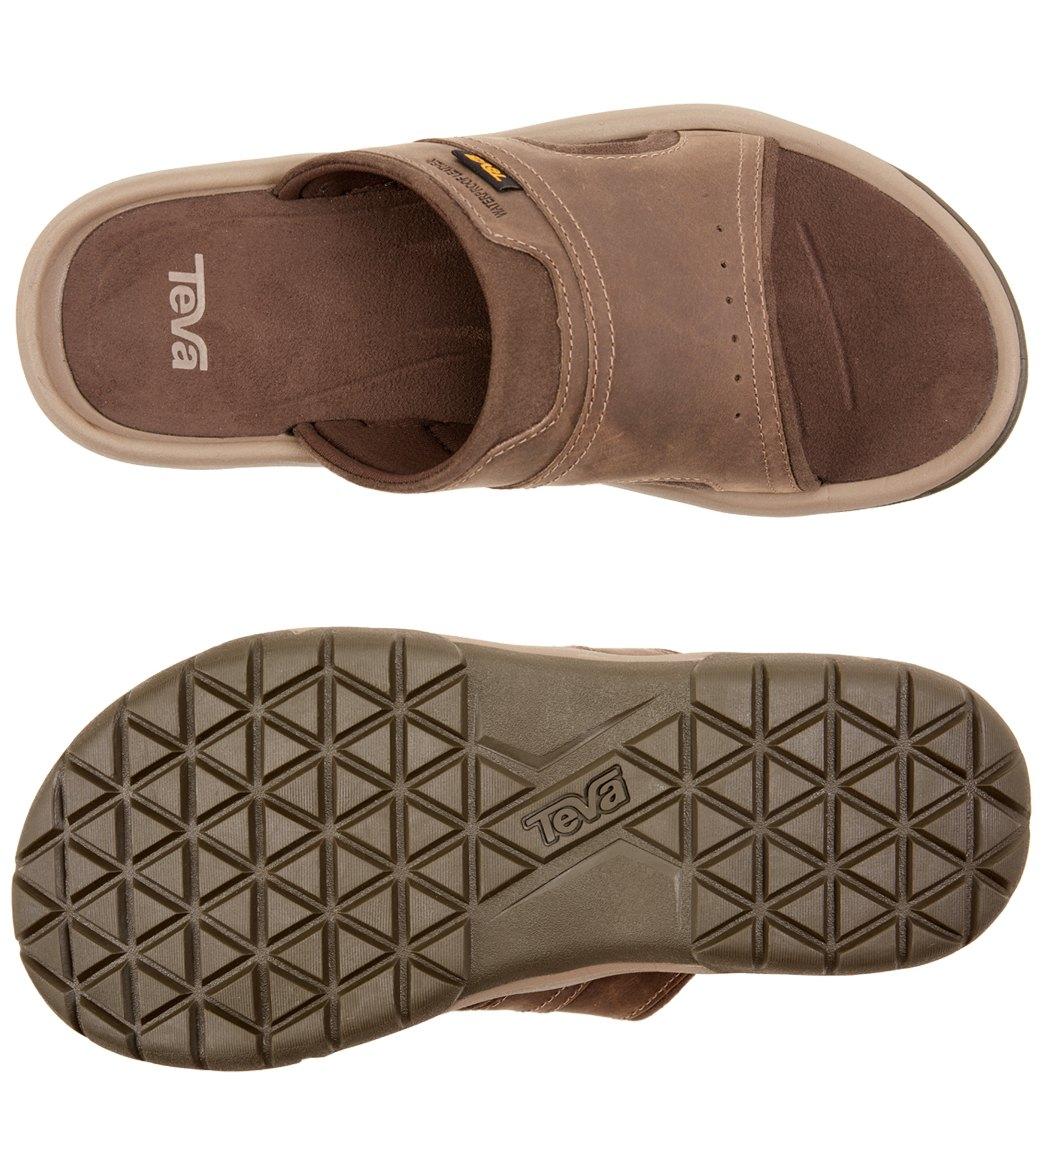 6e01667e1 Teva Men s Langdon Slide Sandal at SwimOutlet.com - Free Shipping